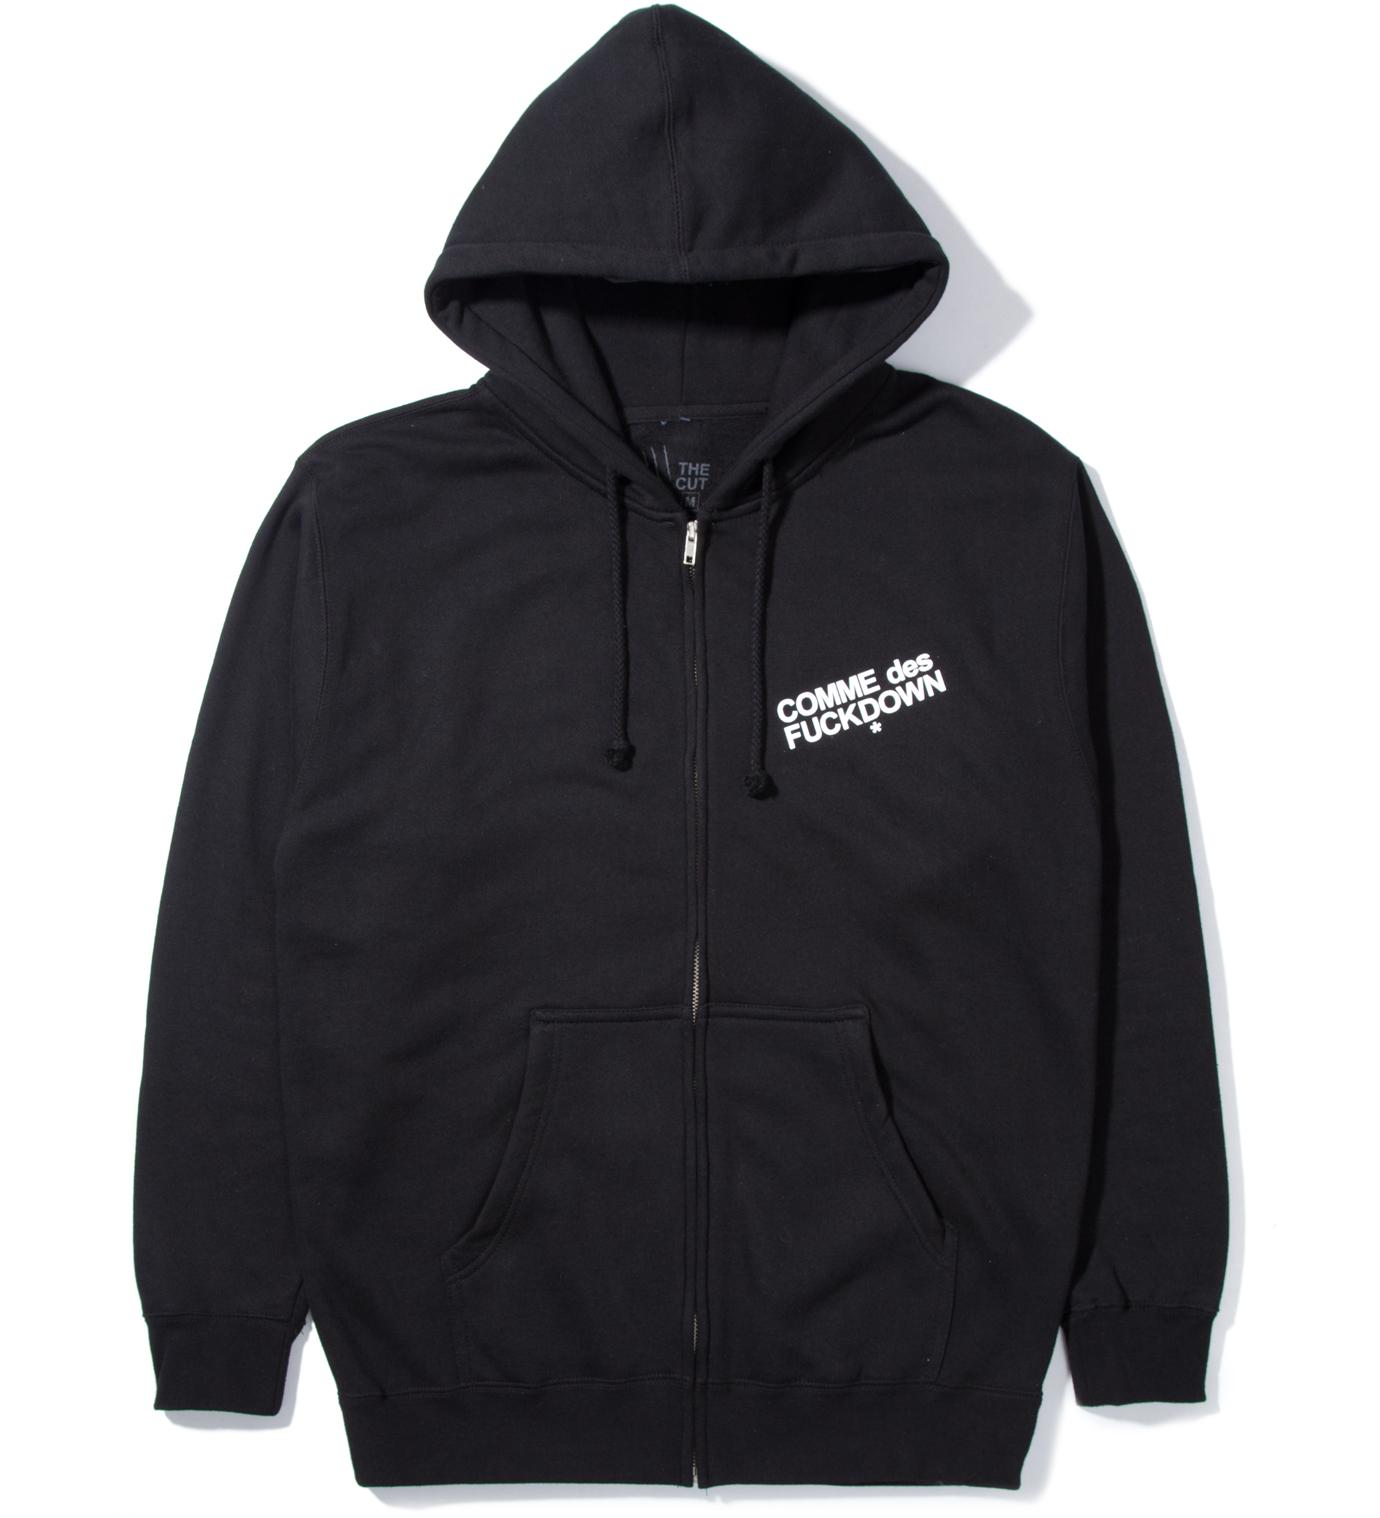 SSUR Black Comme des Fuckdown Zip Hoodie